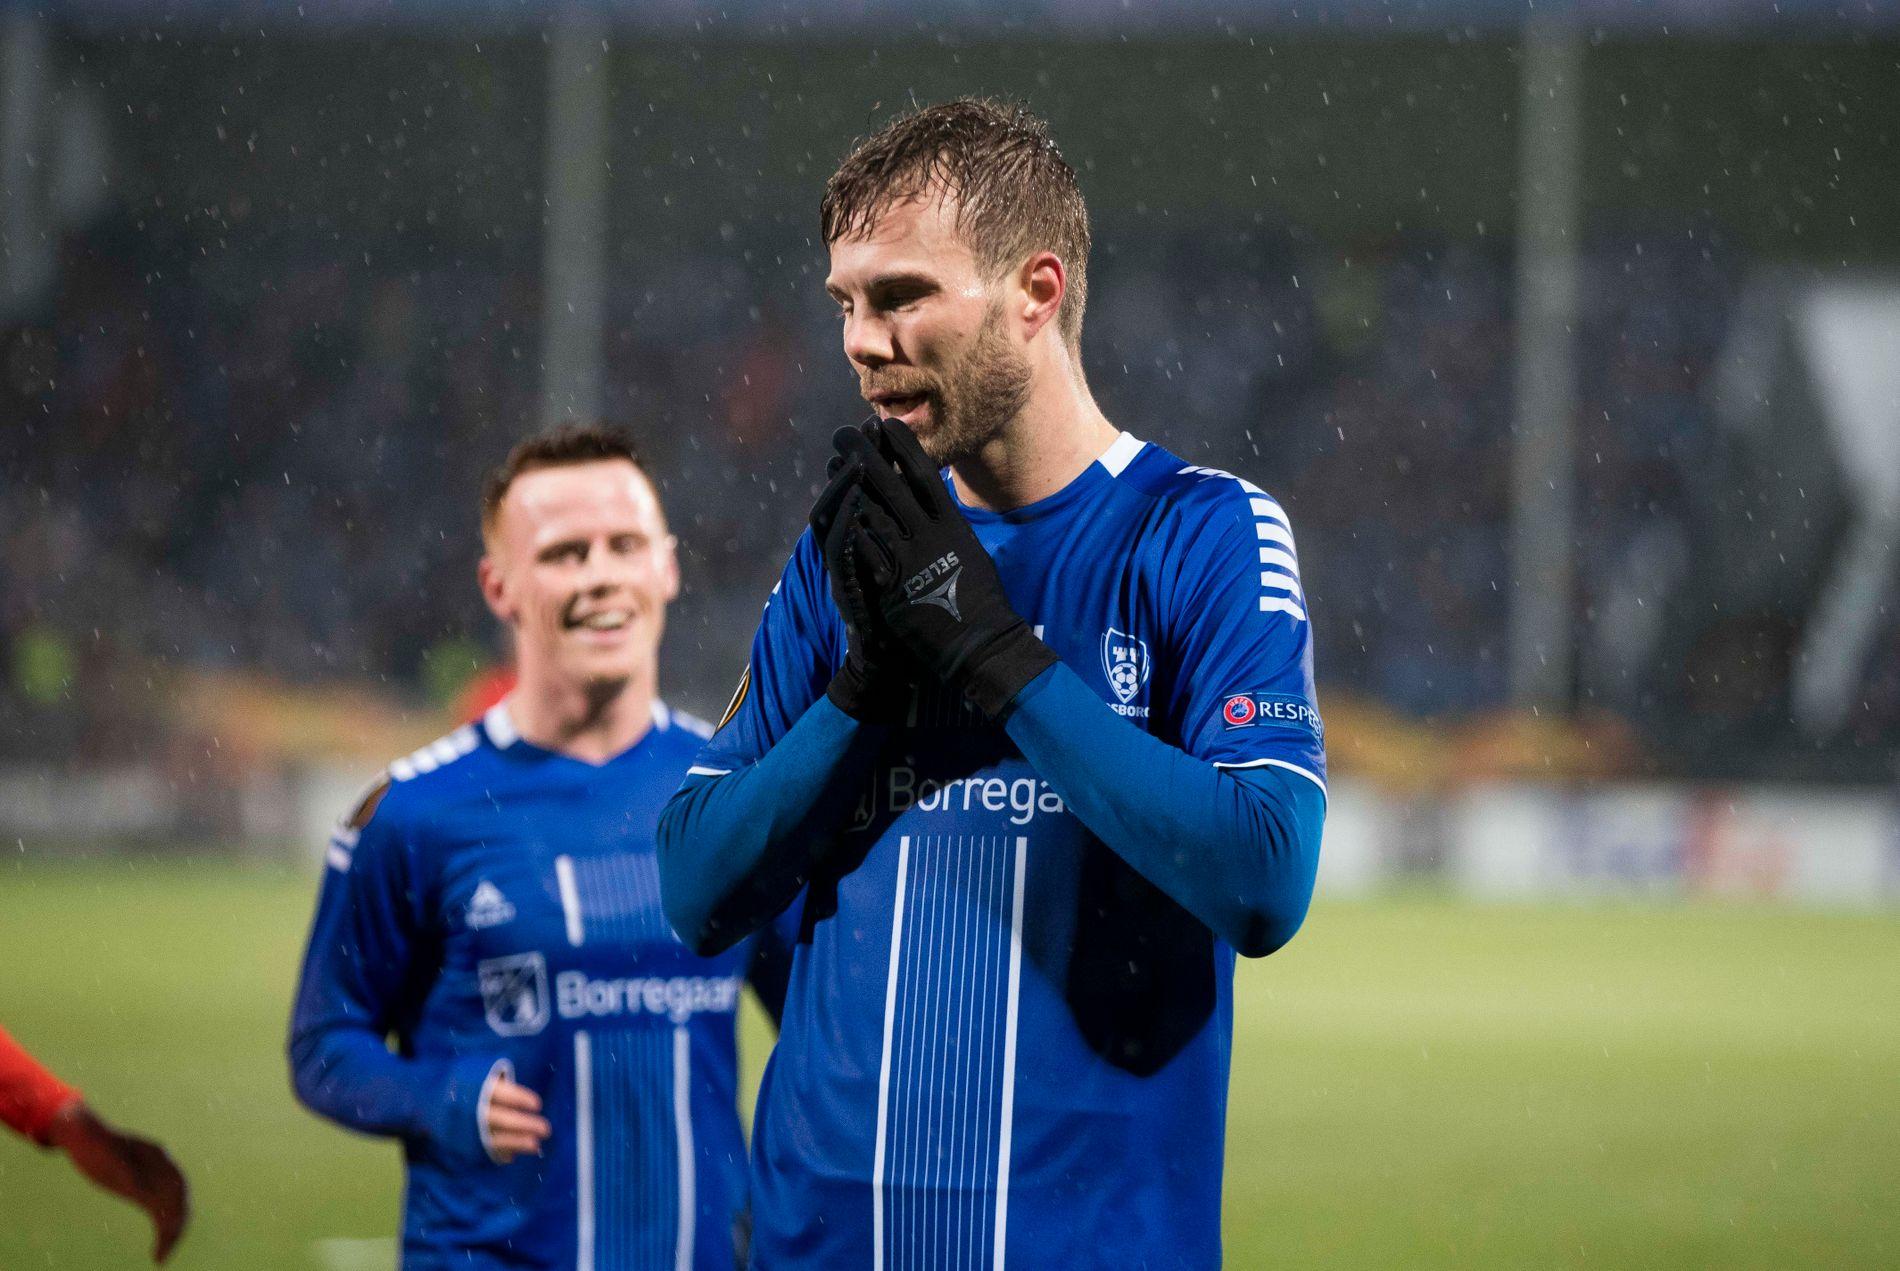 Det ble til slutt en fortvilende kveld for Patrick Mortensen og Sarpsborg.